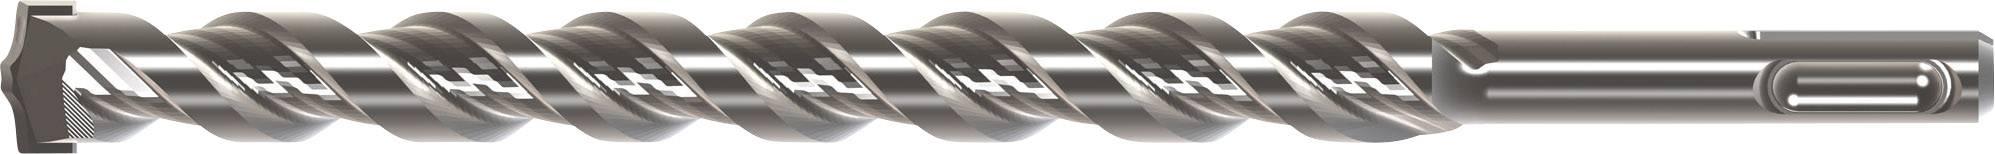 Příklepový vrták Heller Bionic SDS Plus, 10 x 310 mm